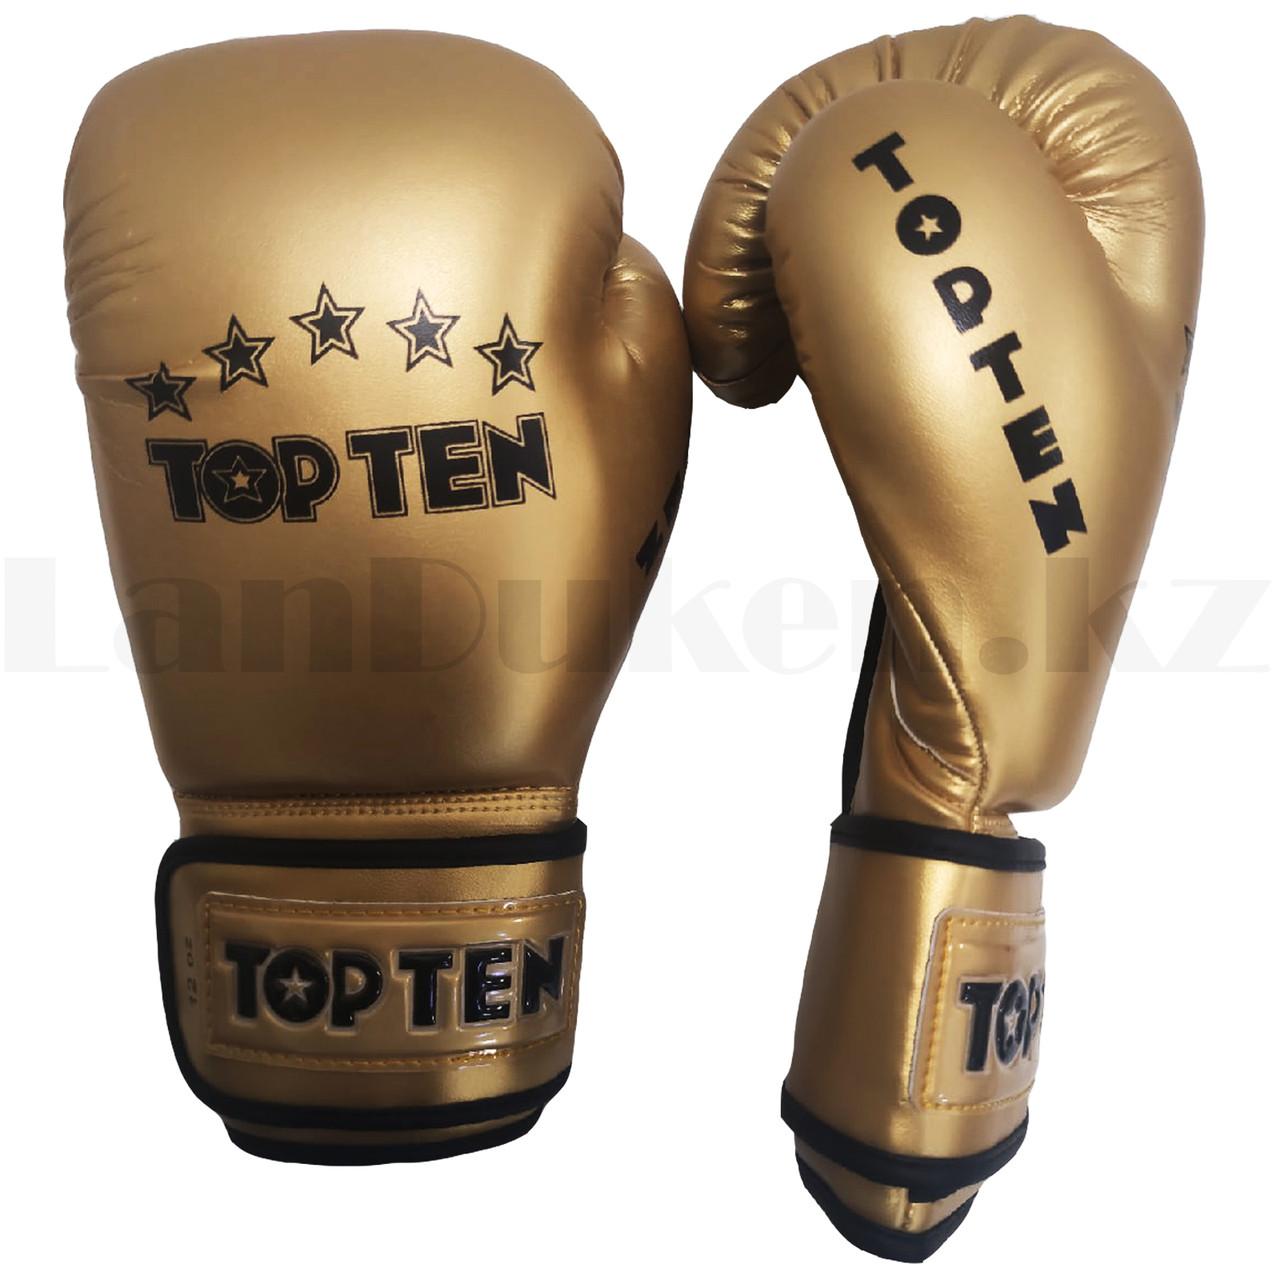 Боксерские перчатки Top Ten 12-OZ золотые - фото 2